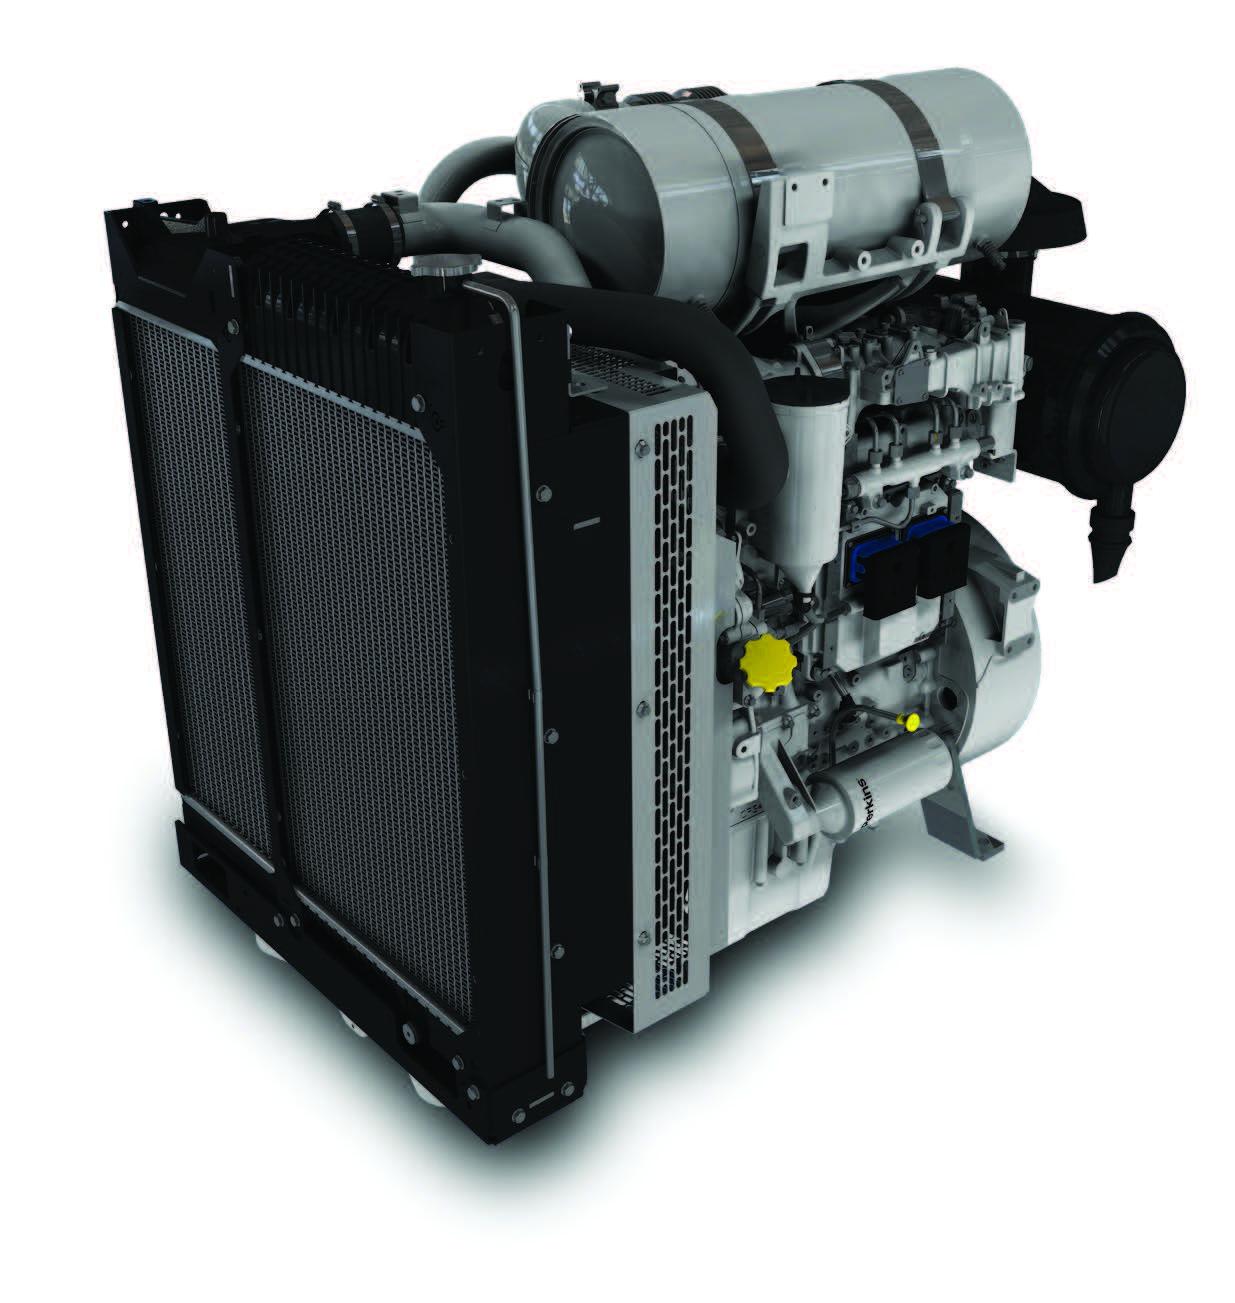 1204E-E44TA/TTA Industrial Open Power Unit